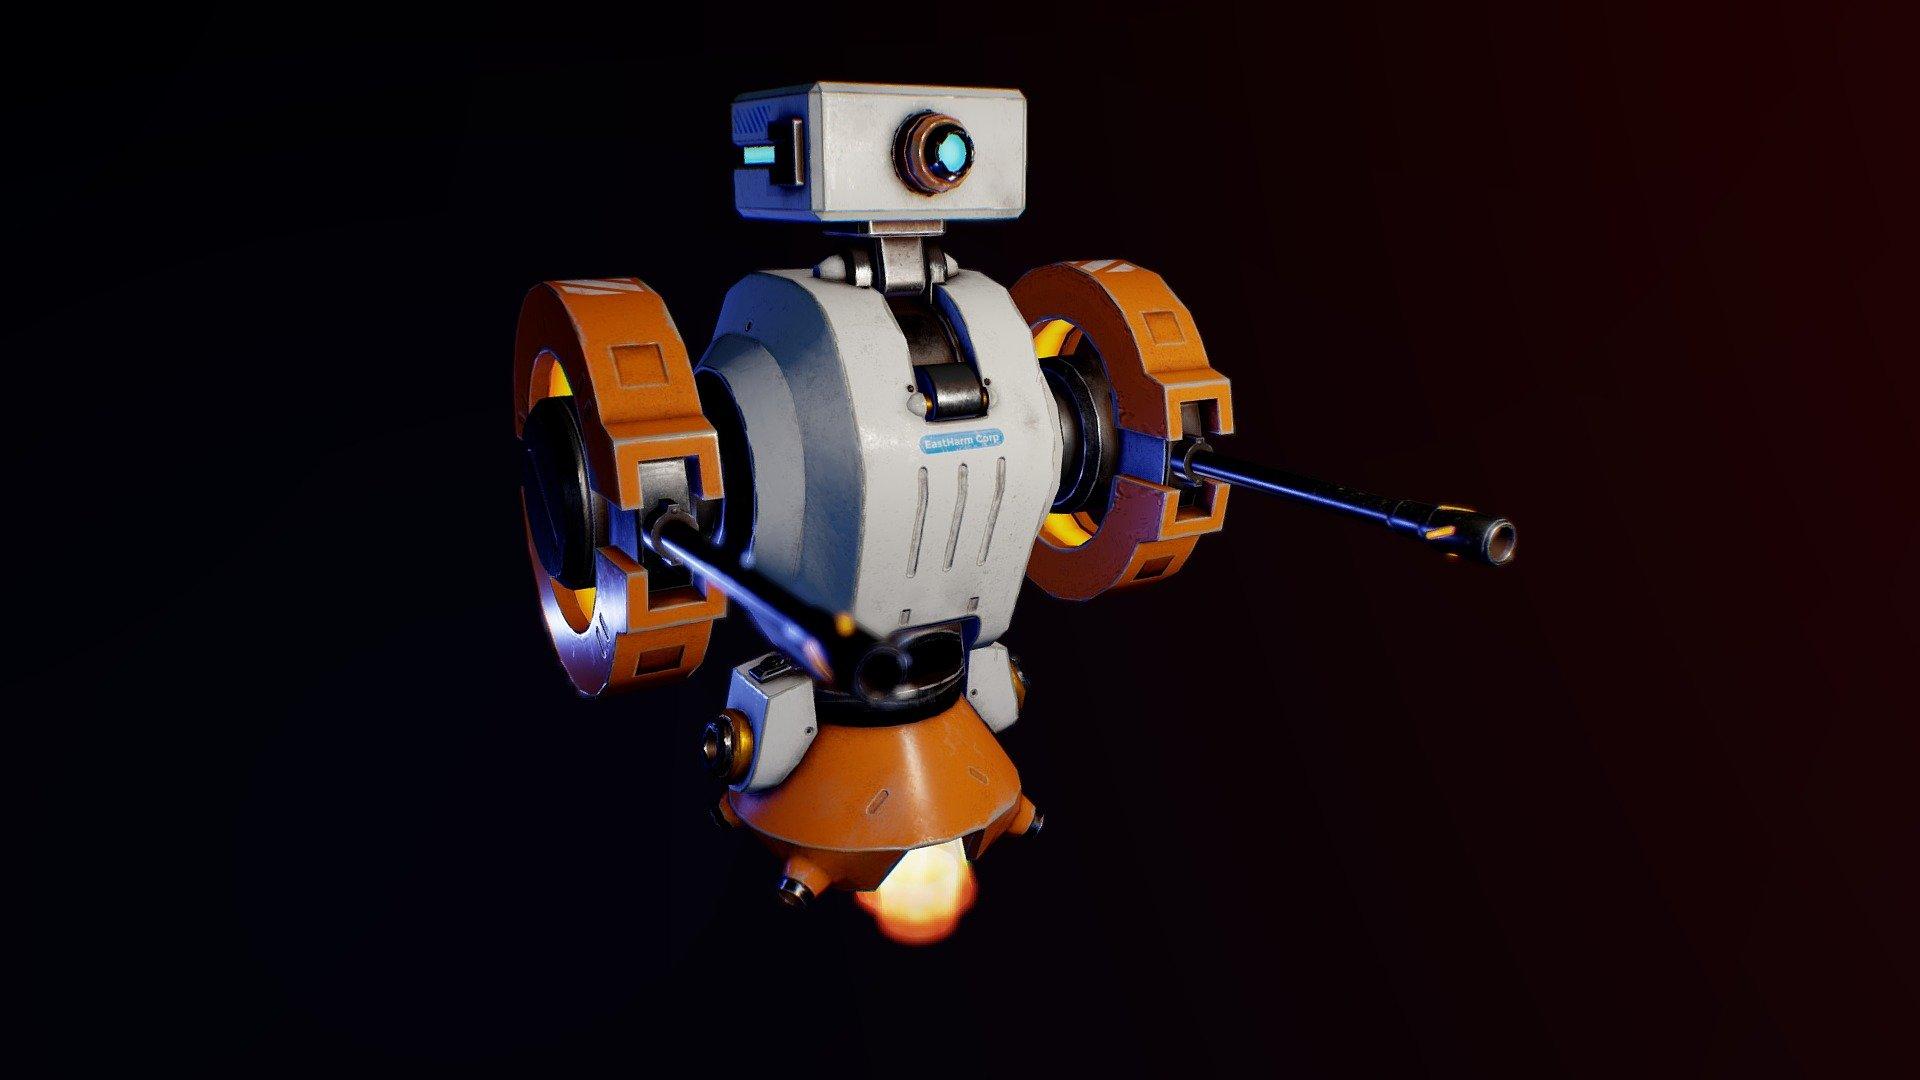 Trainig bot (in progress) - Download Free 3D model by ...